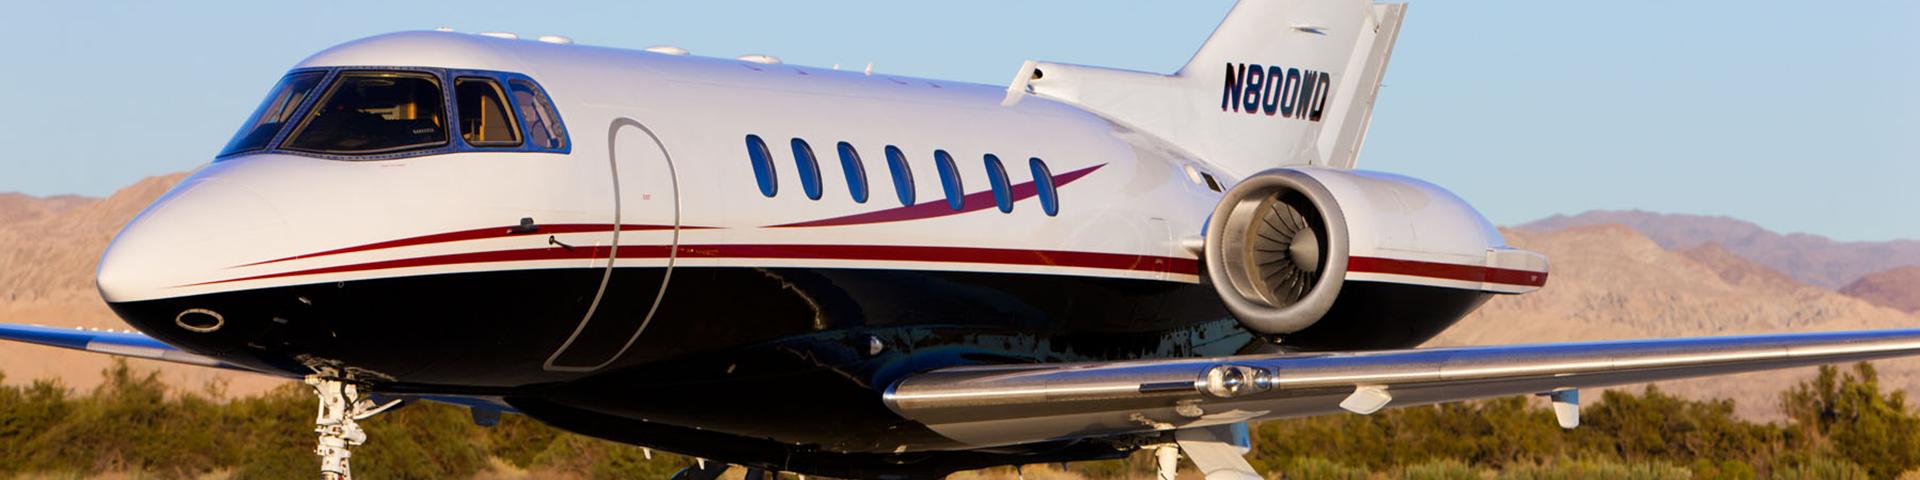 Hawker 10001 - Hawker 1000 Private Jet